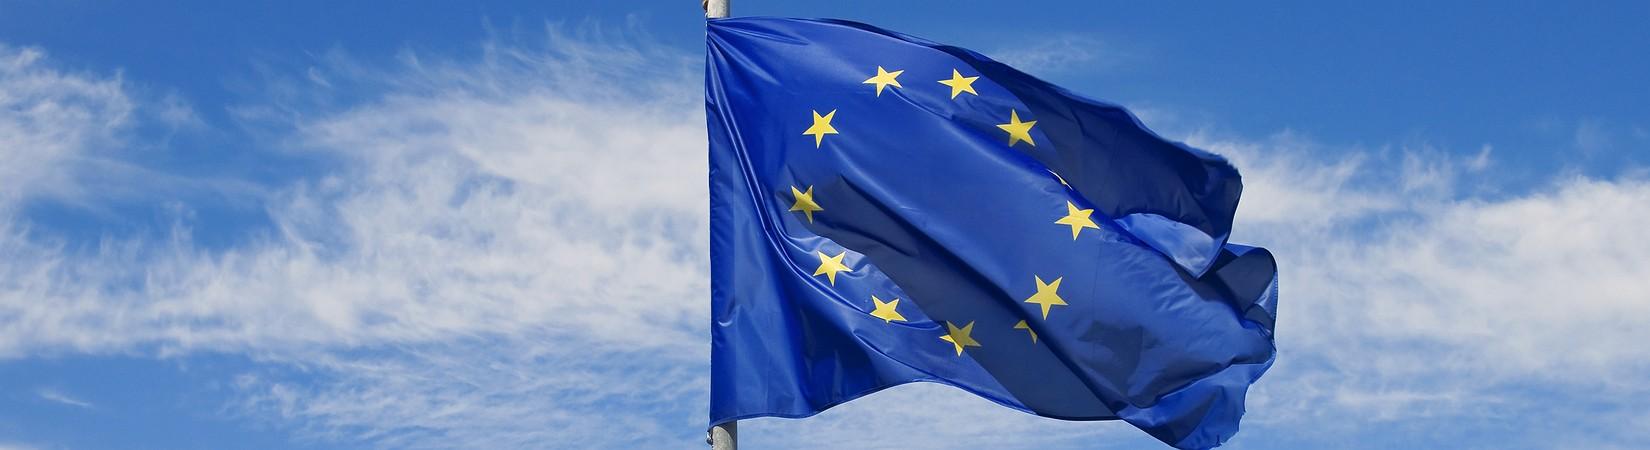 Eurozona, inflazione scende all'1,5%